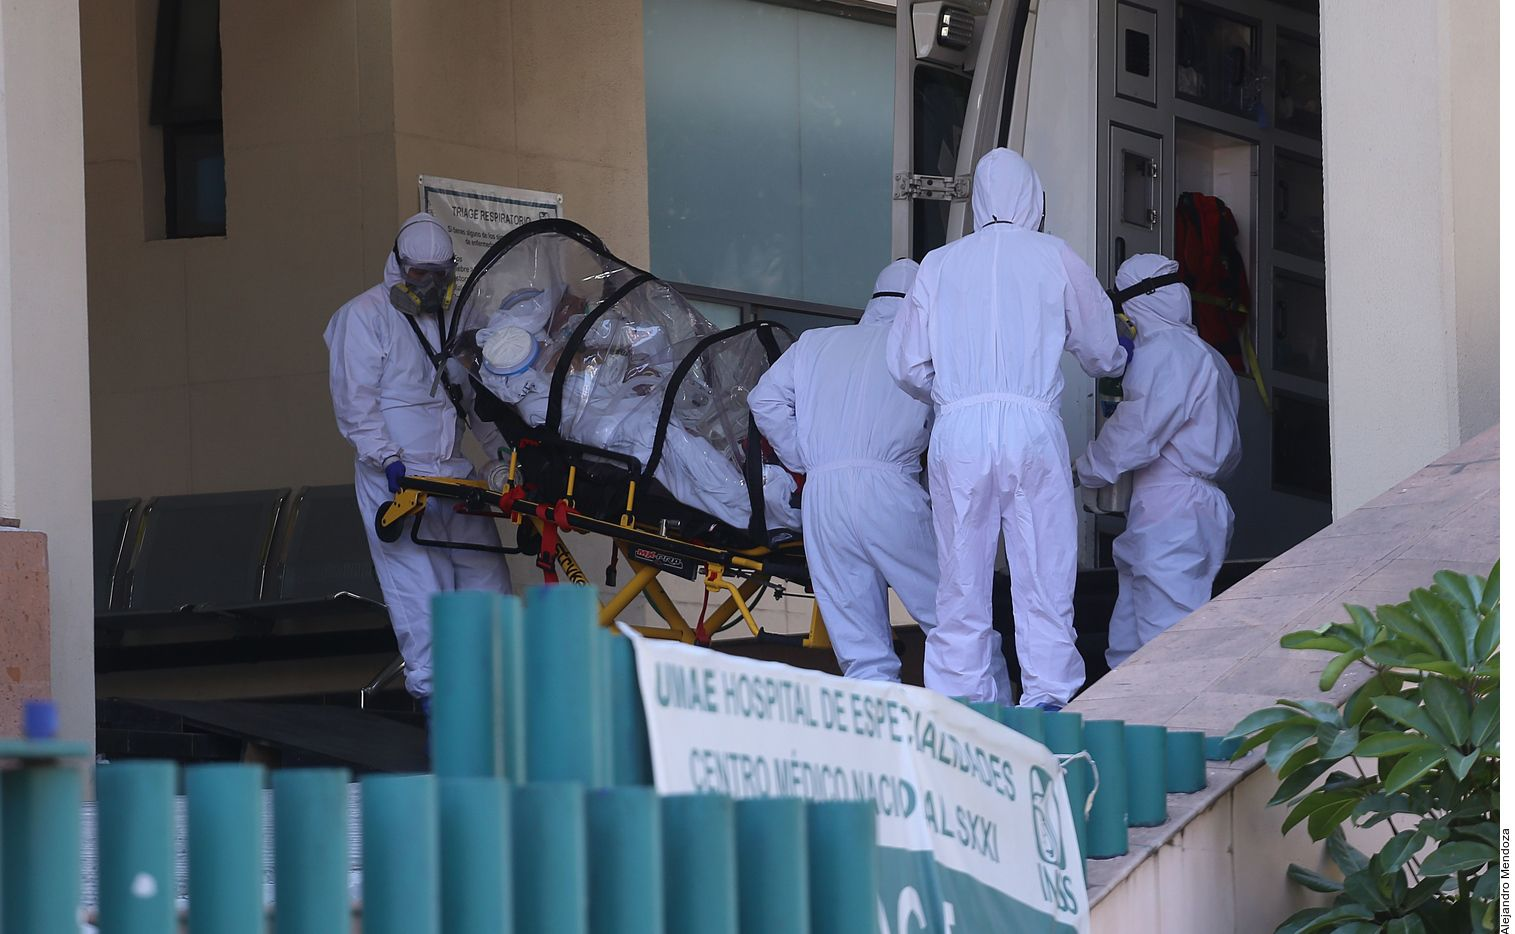 La Secretaría de Salud de México reportó el miércoles 22,711 casos más de covid-19, la cifra más alta para un día en toda la pandemia; México rebasó 3 millones de contagios acumulados.